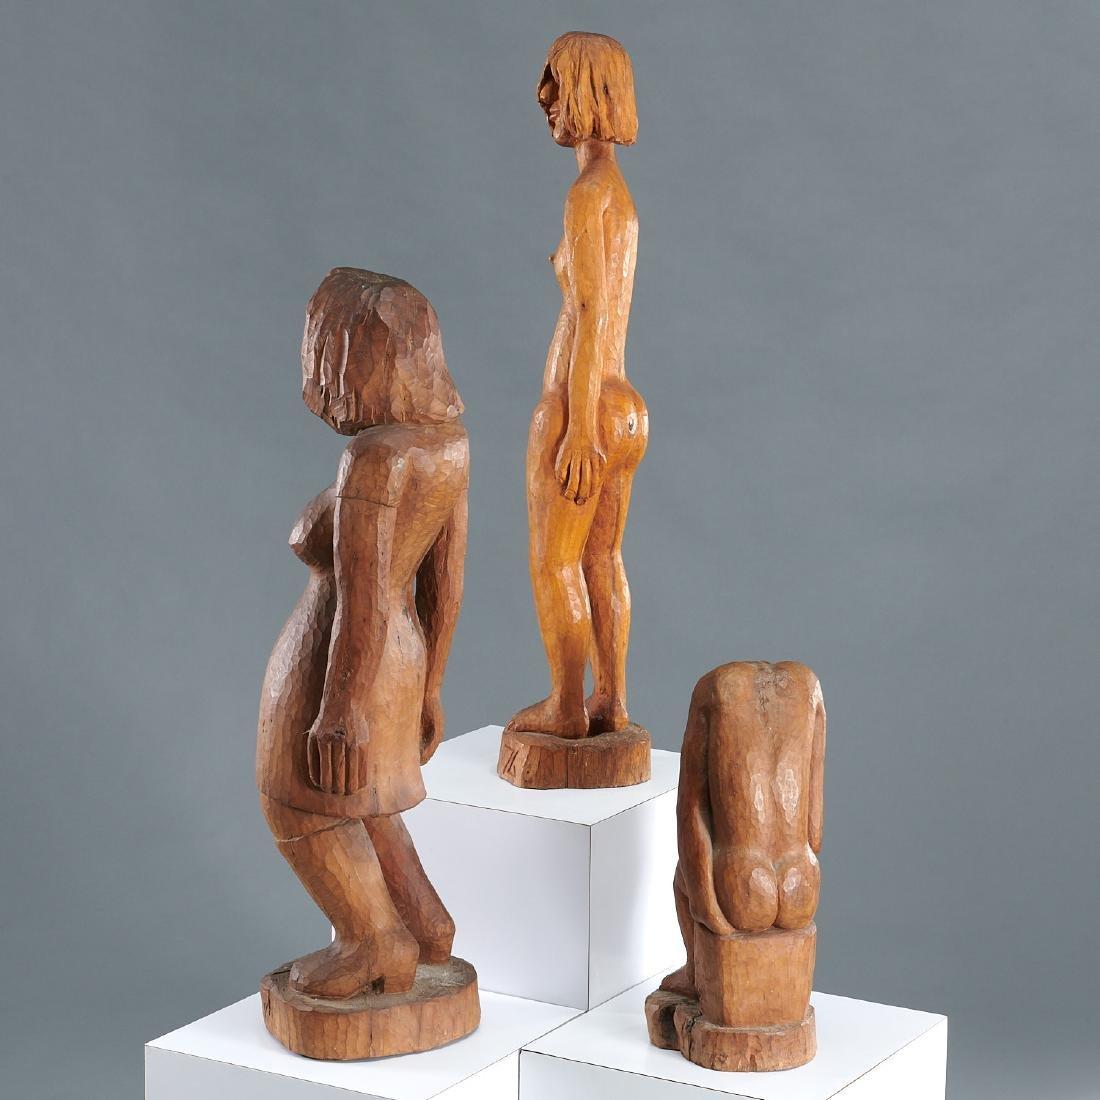 Kresimir Trumbetas, (3) sculptures - 6